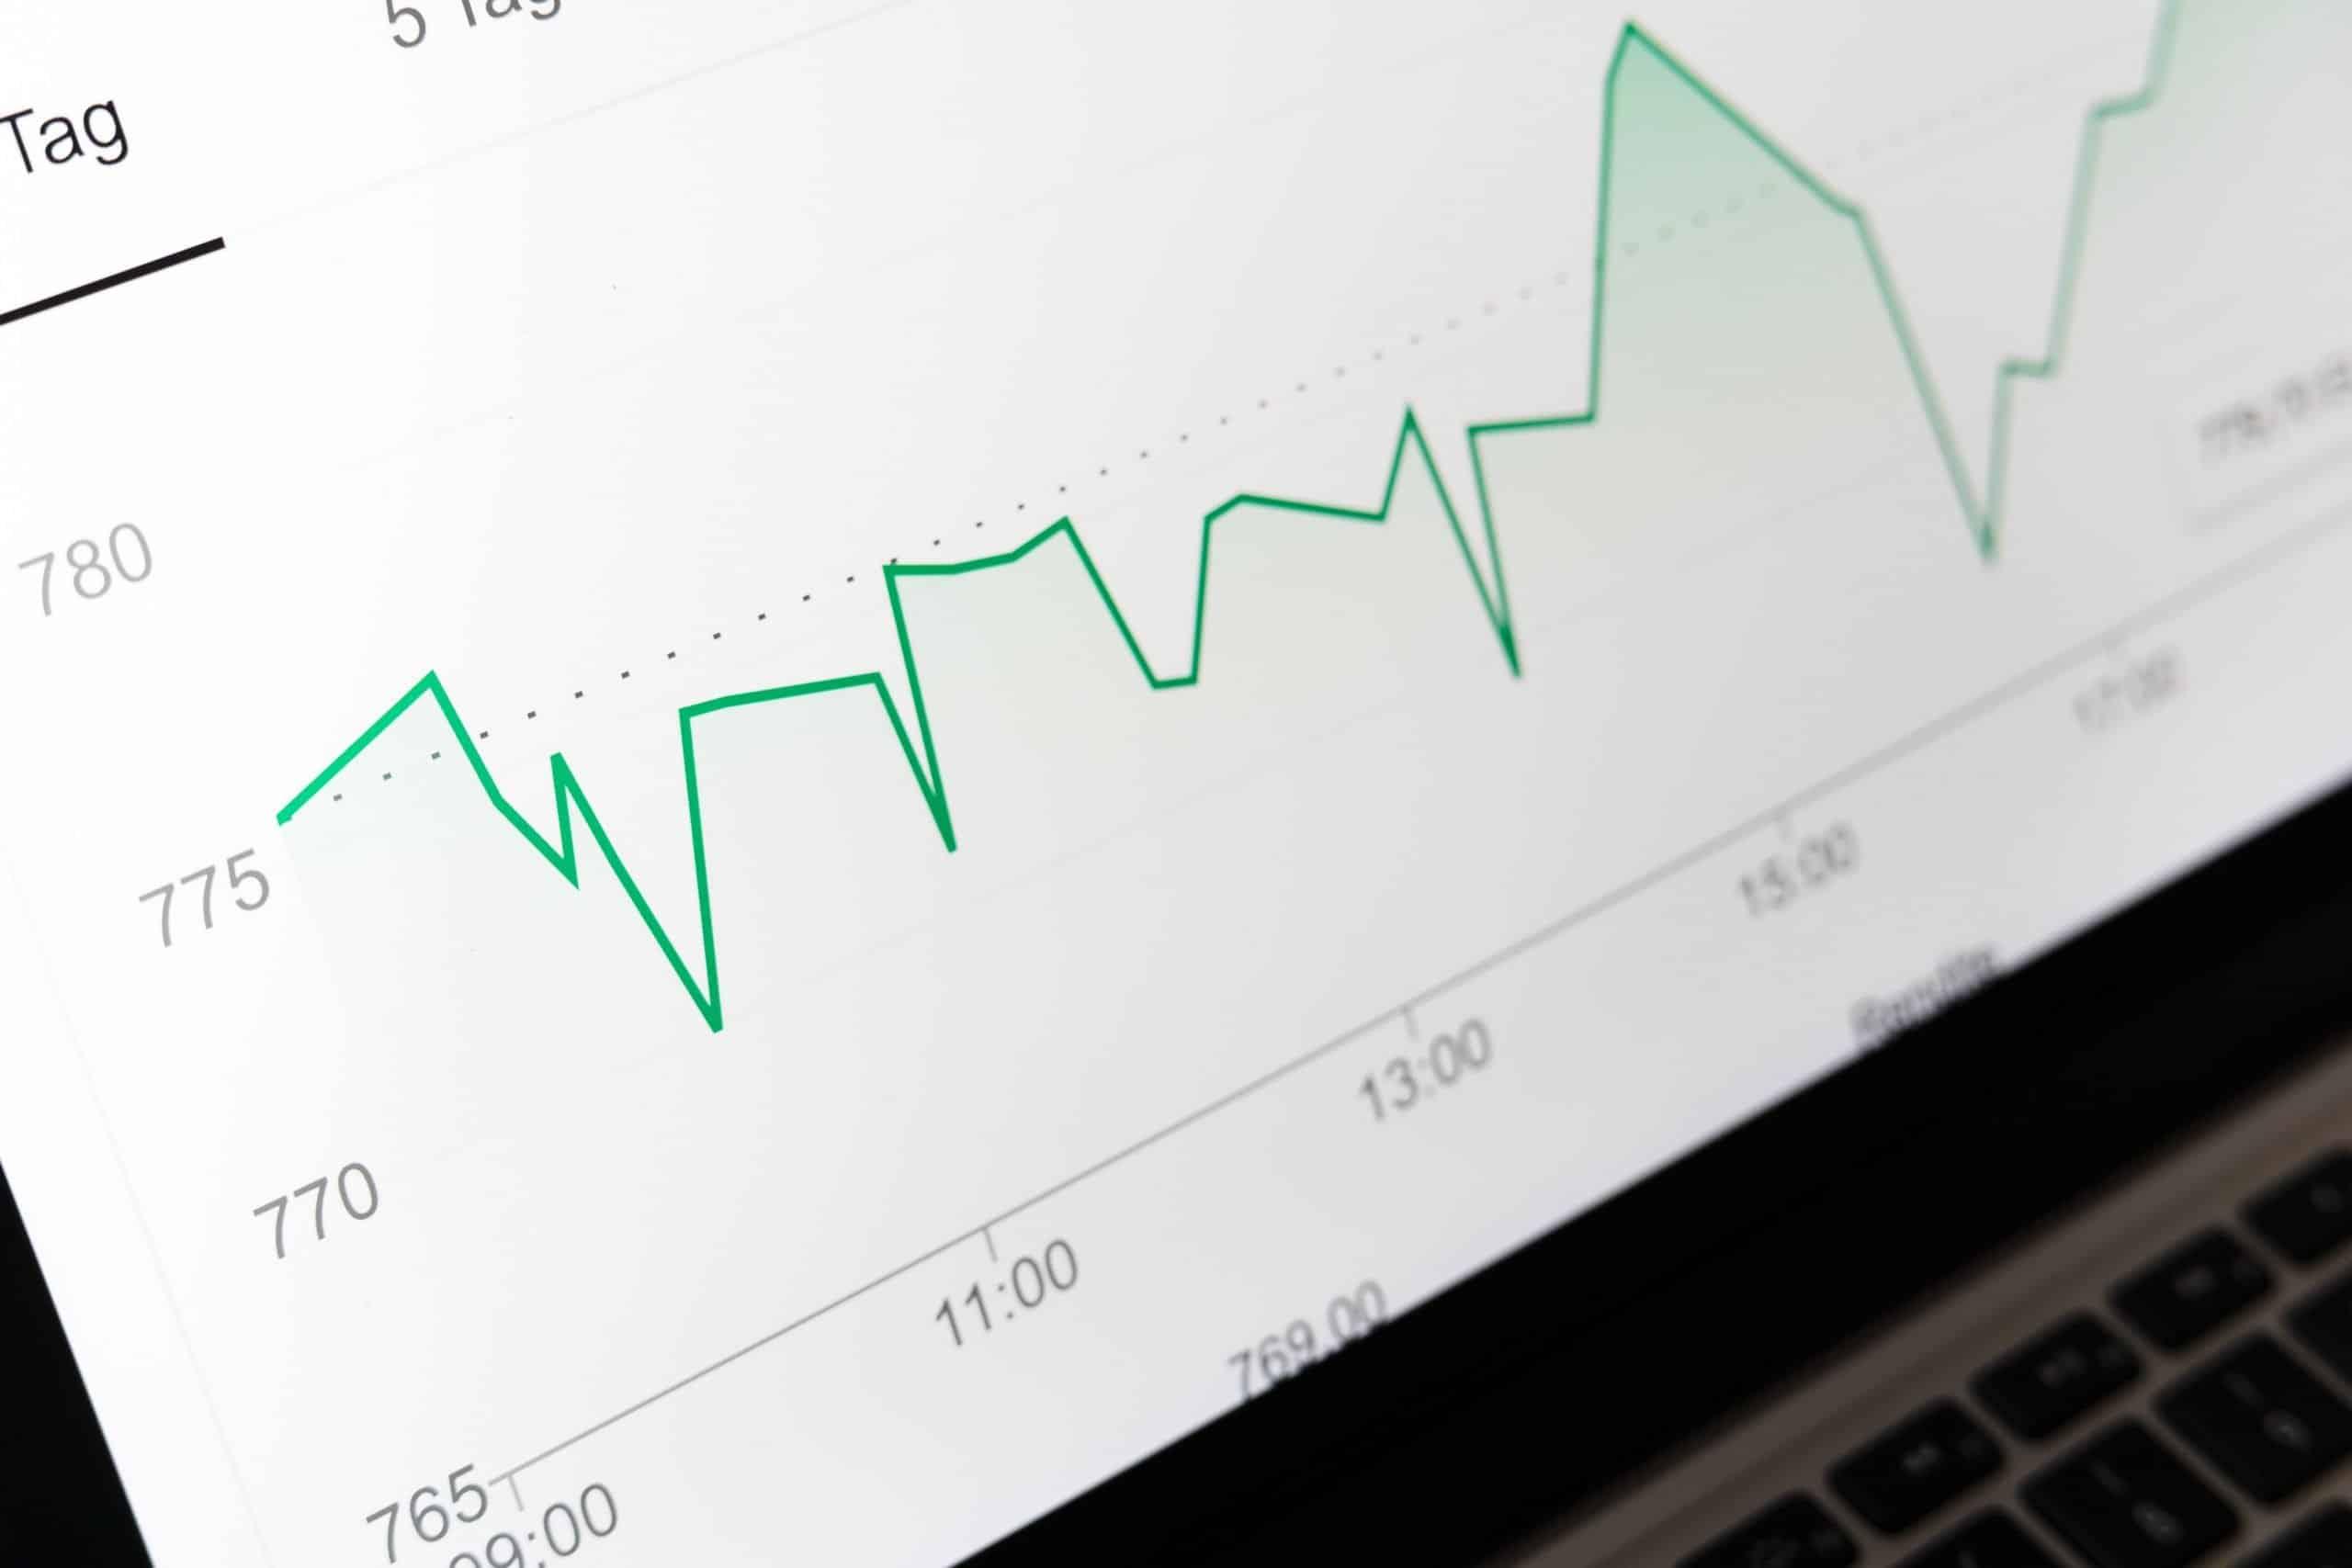 Menyesuaikan Strategi Pasar dengan Peningkatan Risiko (VIX, SPX) - - Talkin go money